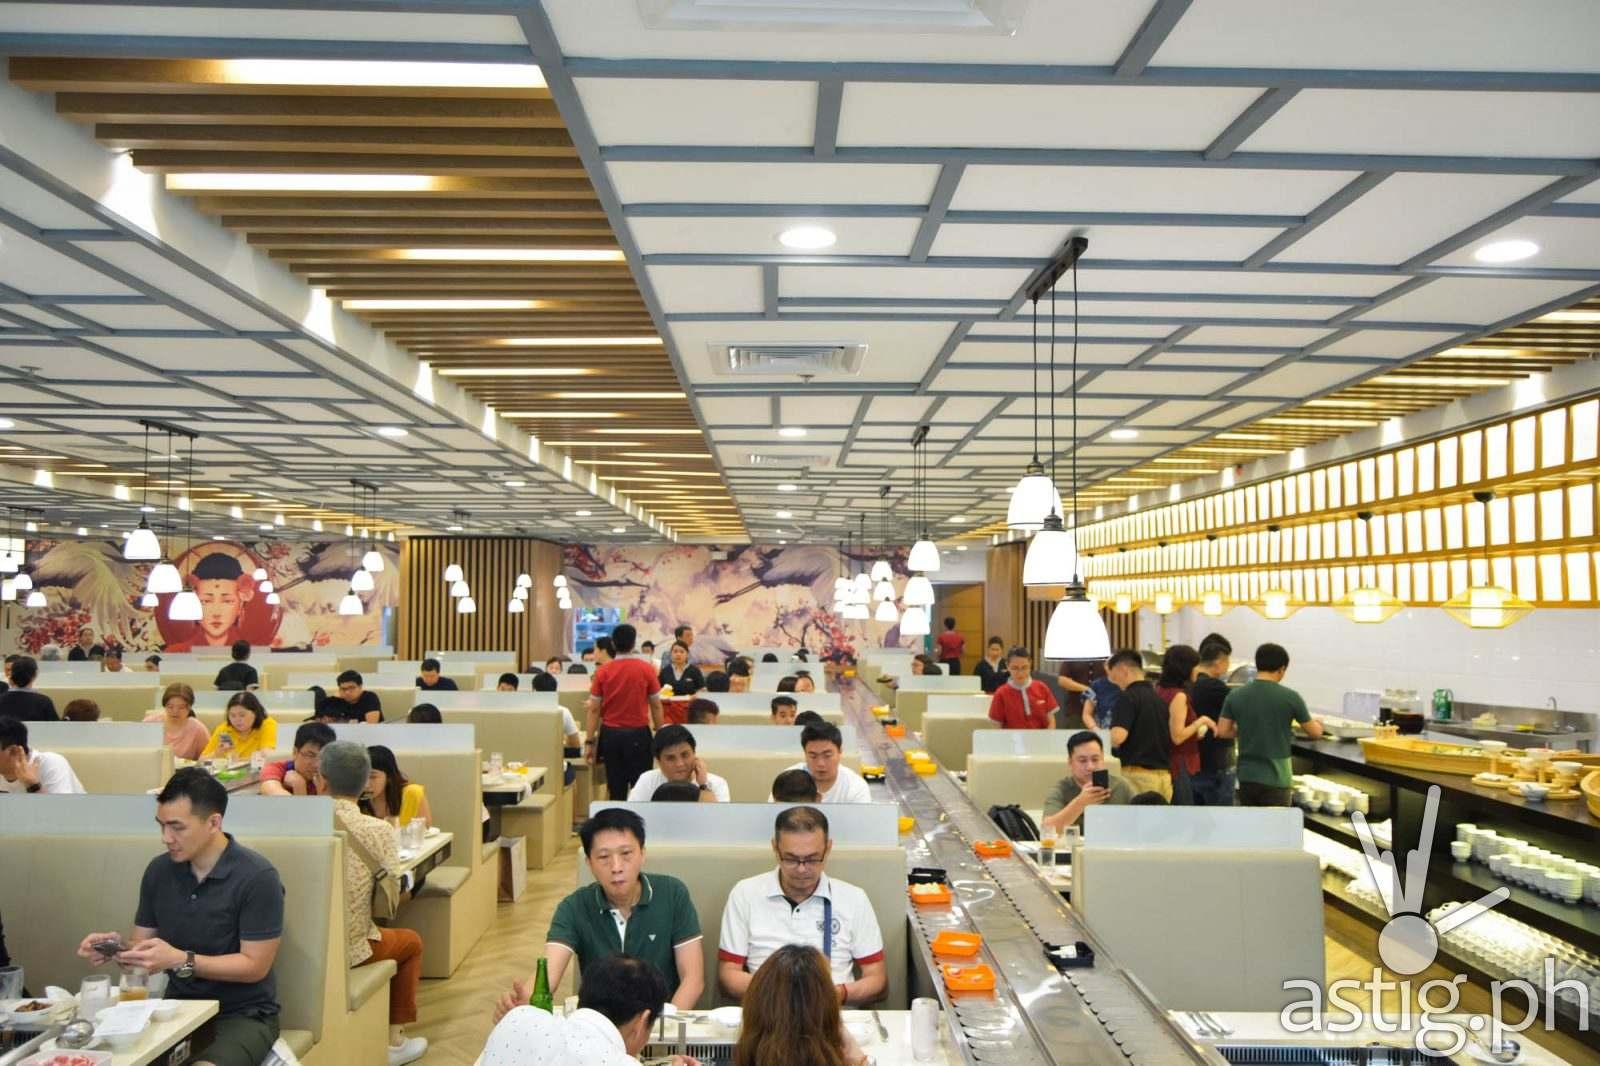 Dining hall - Hosaku International Buffet Philippines SM North Tower 2